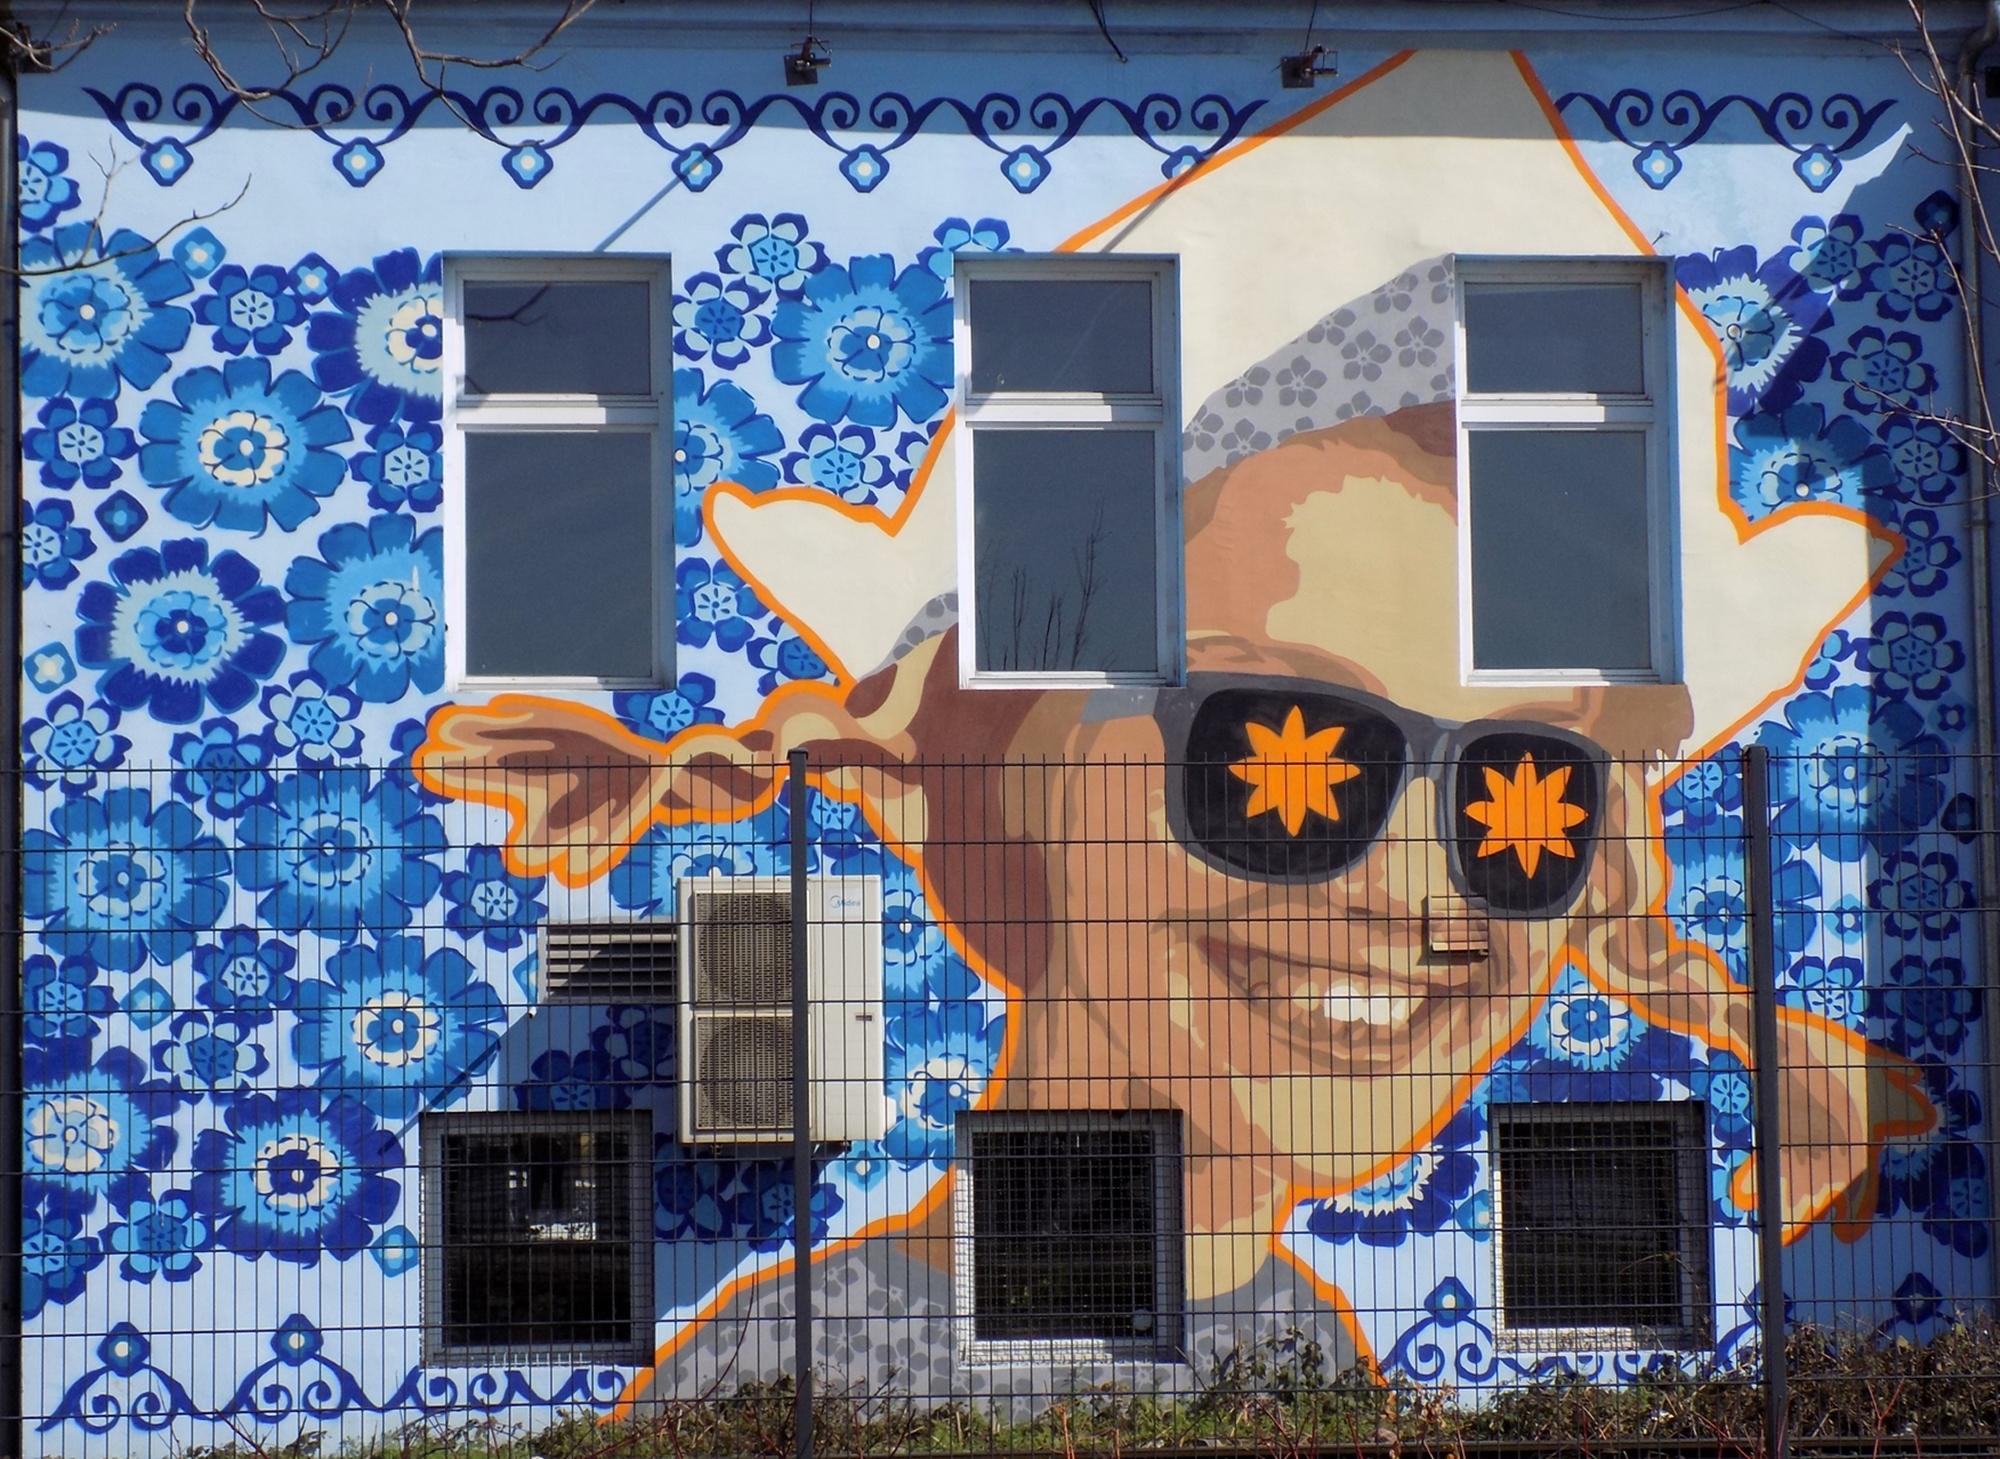 Život i smrt murala u Beogradu